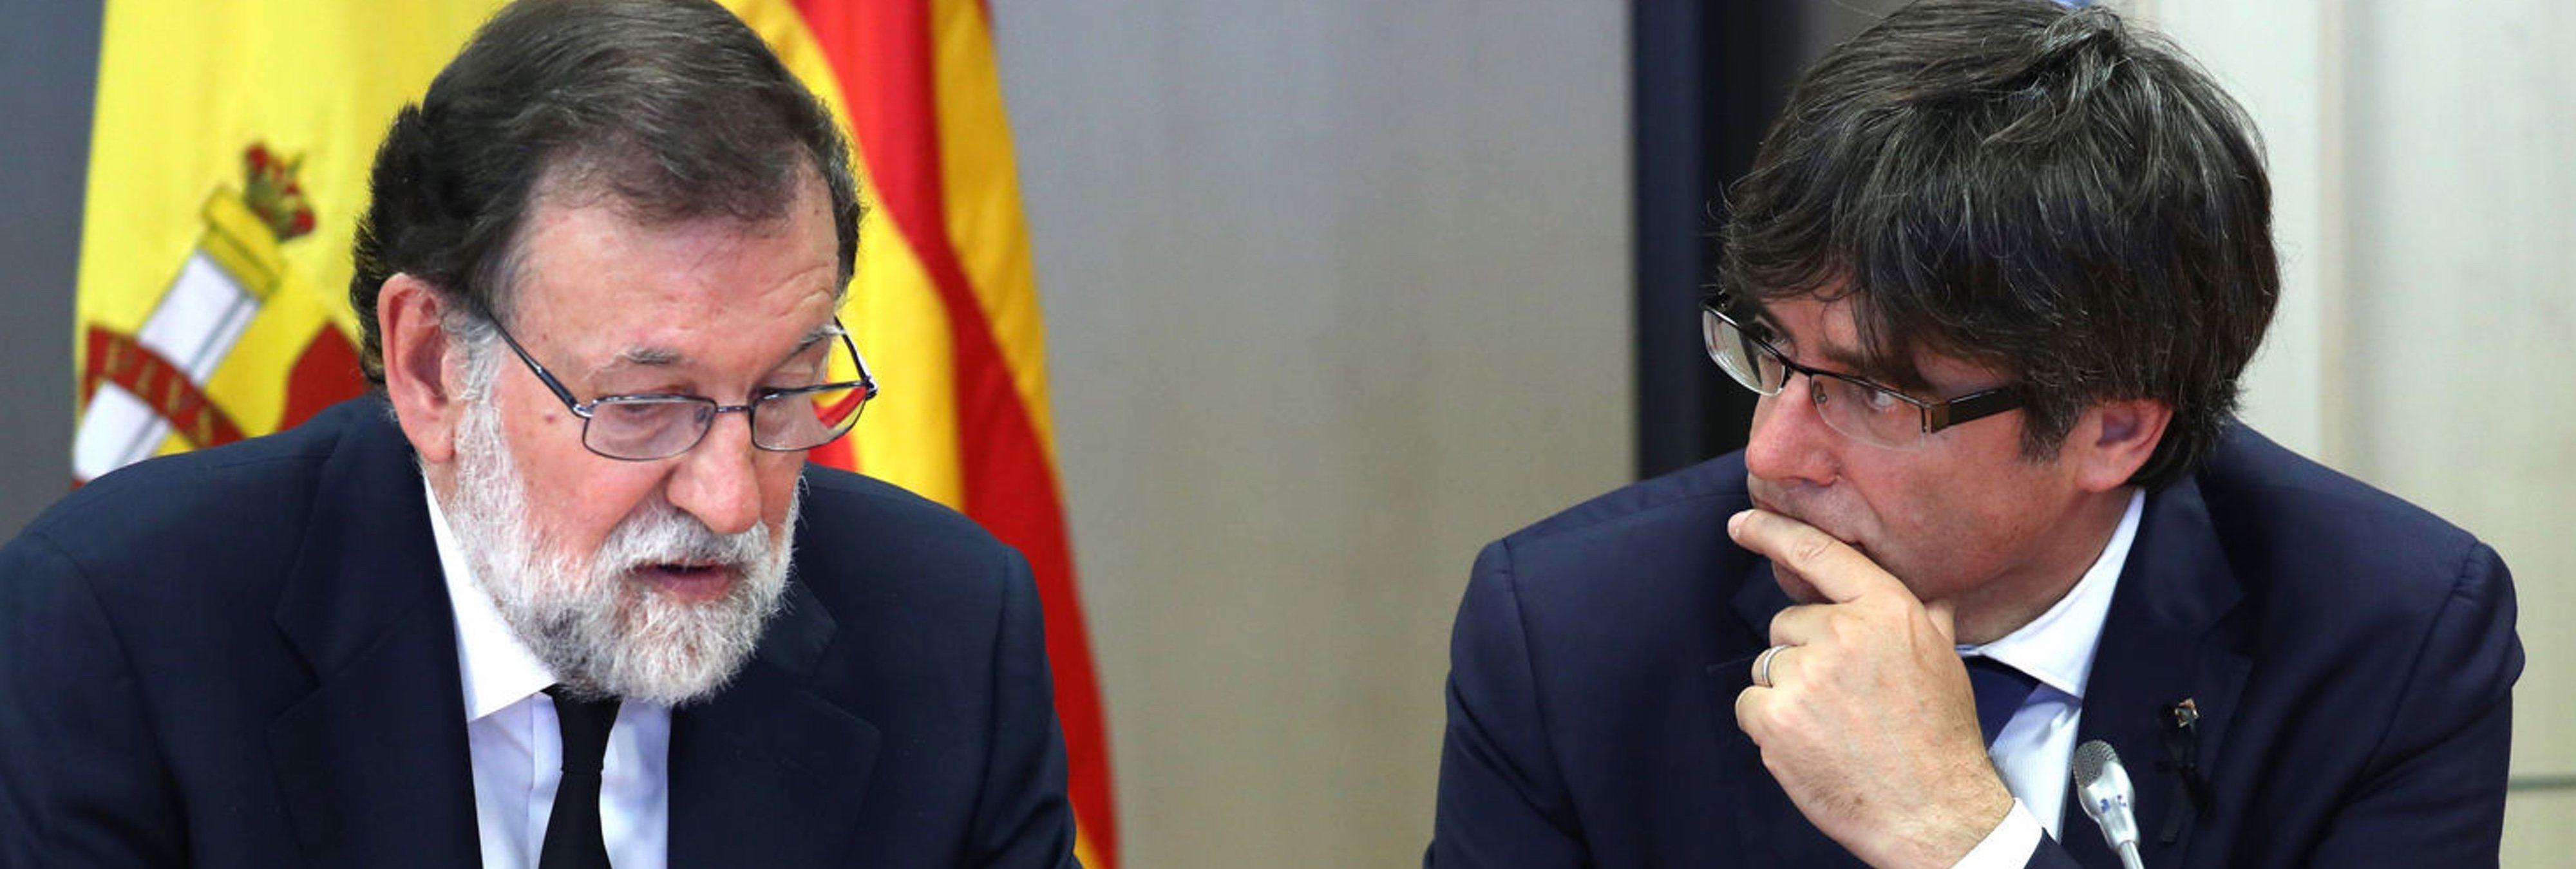 Así cede Rajoy ante el independentismo a un año de las elecciones: ¿Cuál es el motivo?